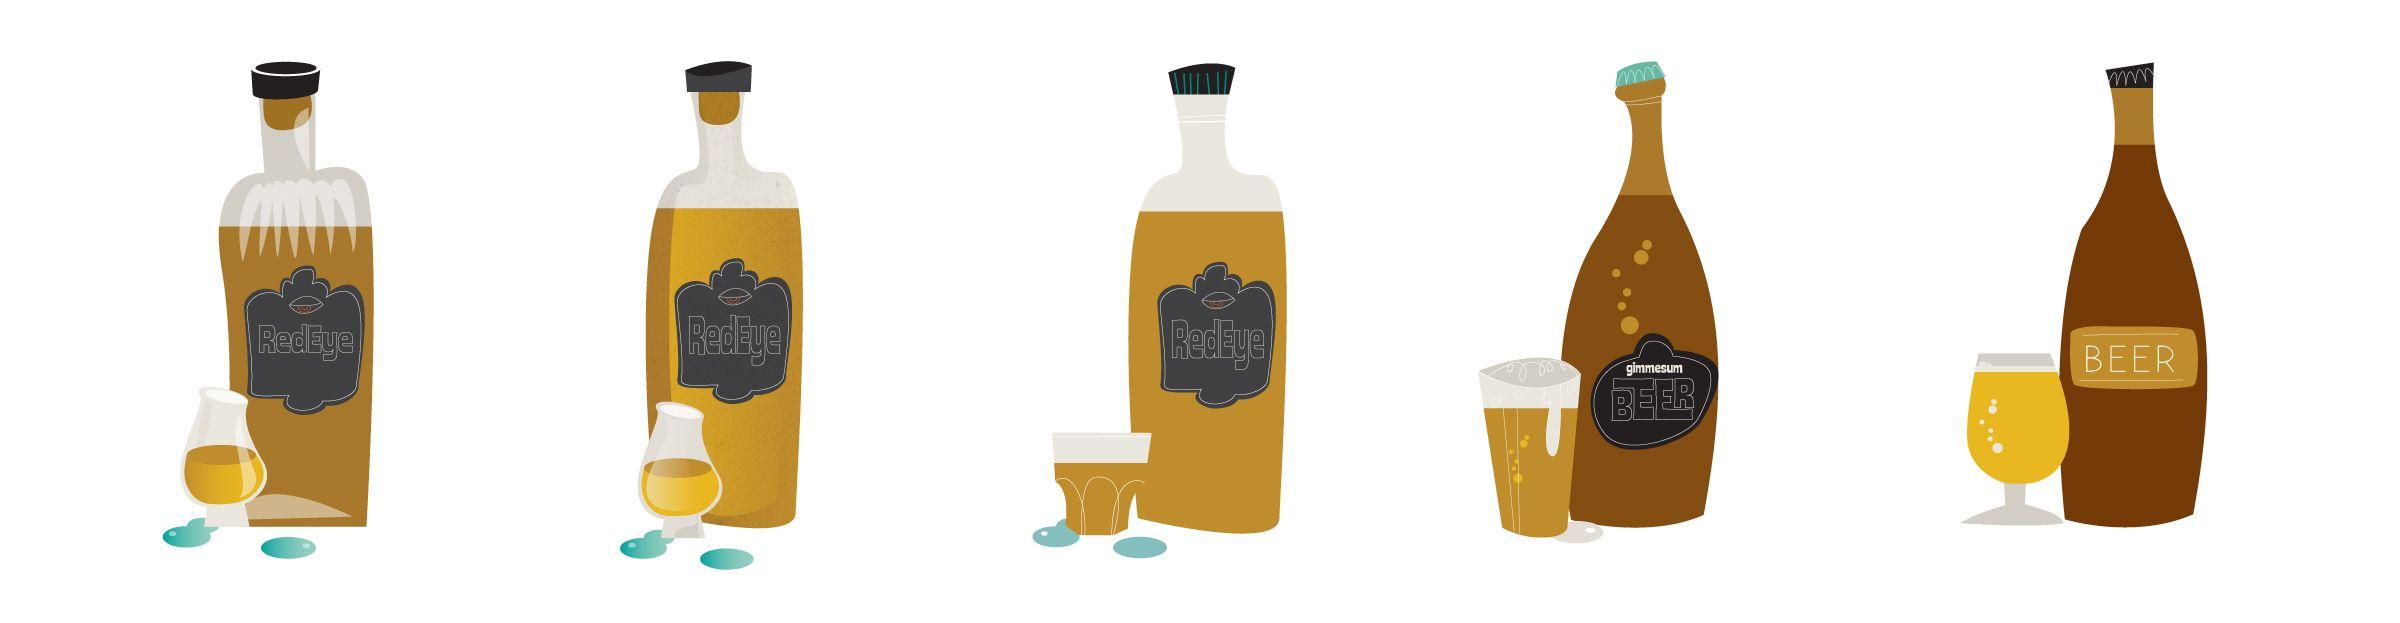 bottle-evolution1.jpg